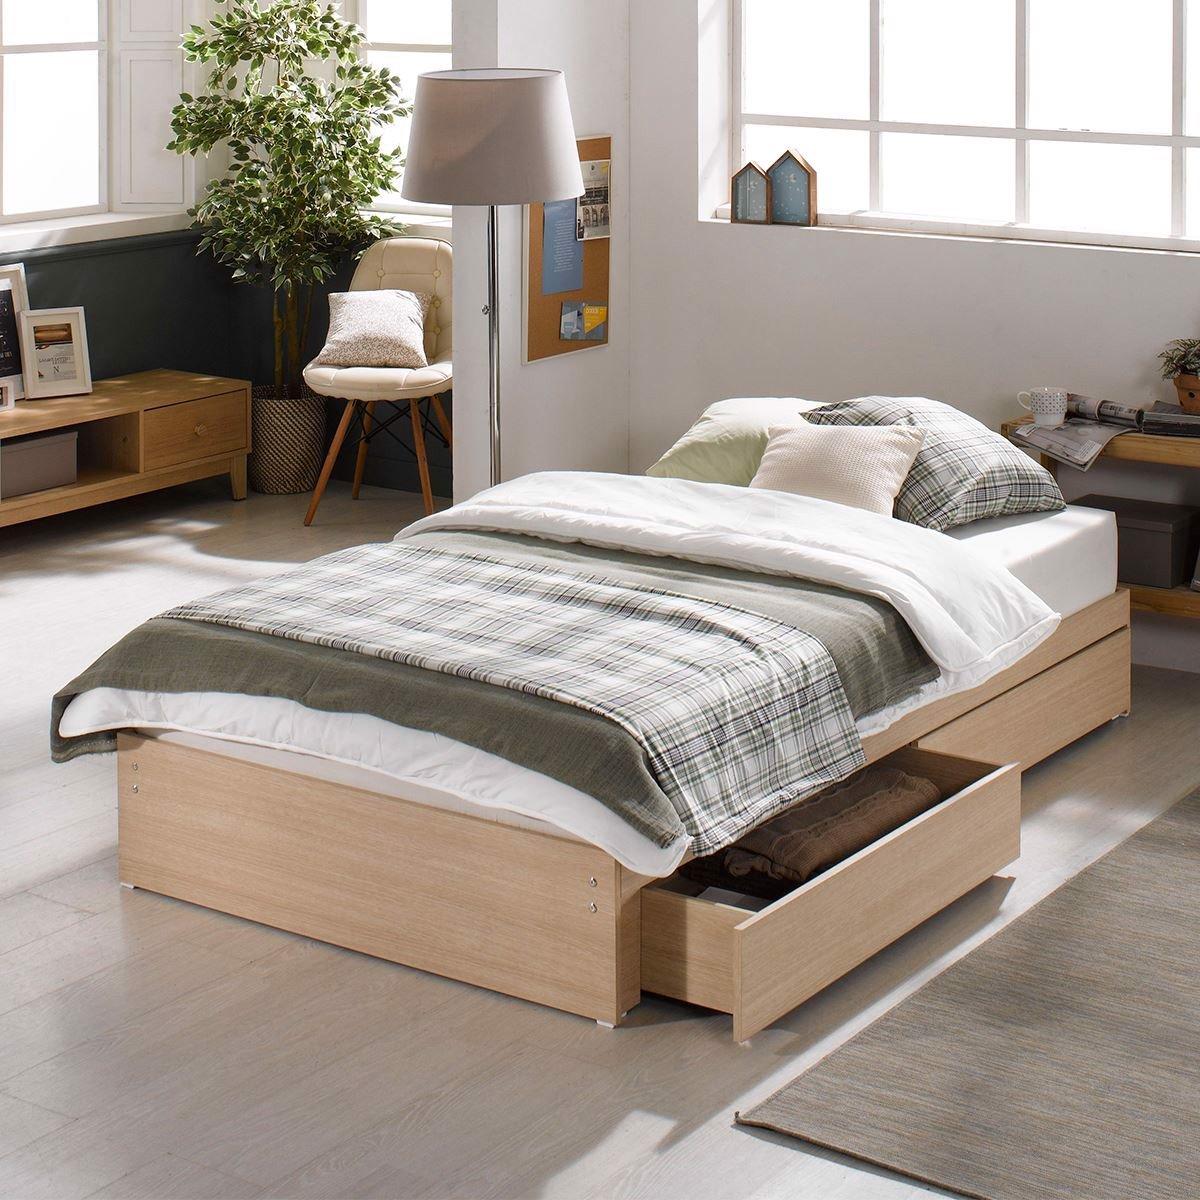 Kinh nghiệm chọn giường ngủ giá rẻ dành cho mọi gia đình